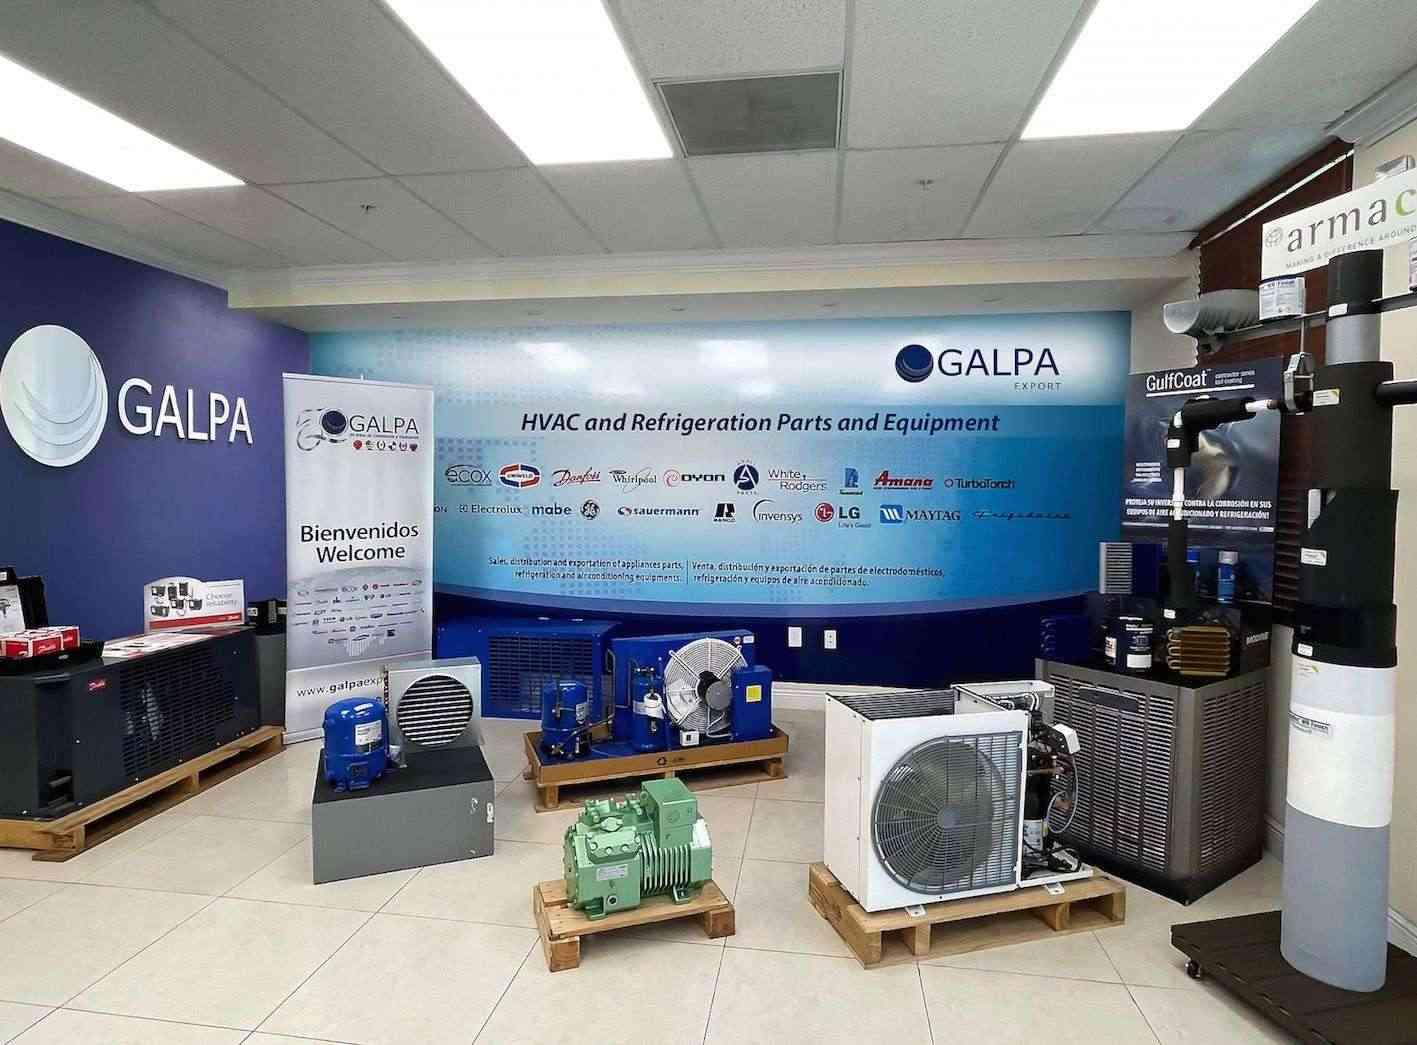 galpa export satisface demanda de unidades condensadoras en centroamerica y caribe - Galpa Export satisface demanda de Unidades Condensadoras  en Centroamérica y Caribe